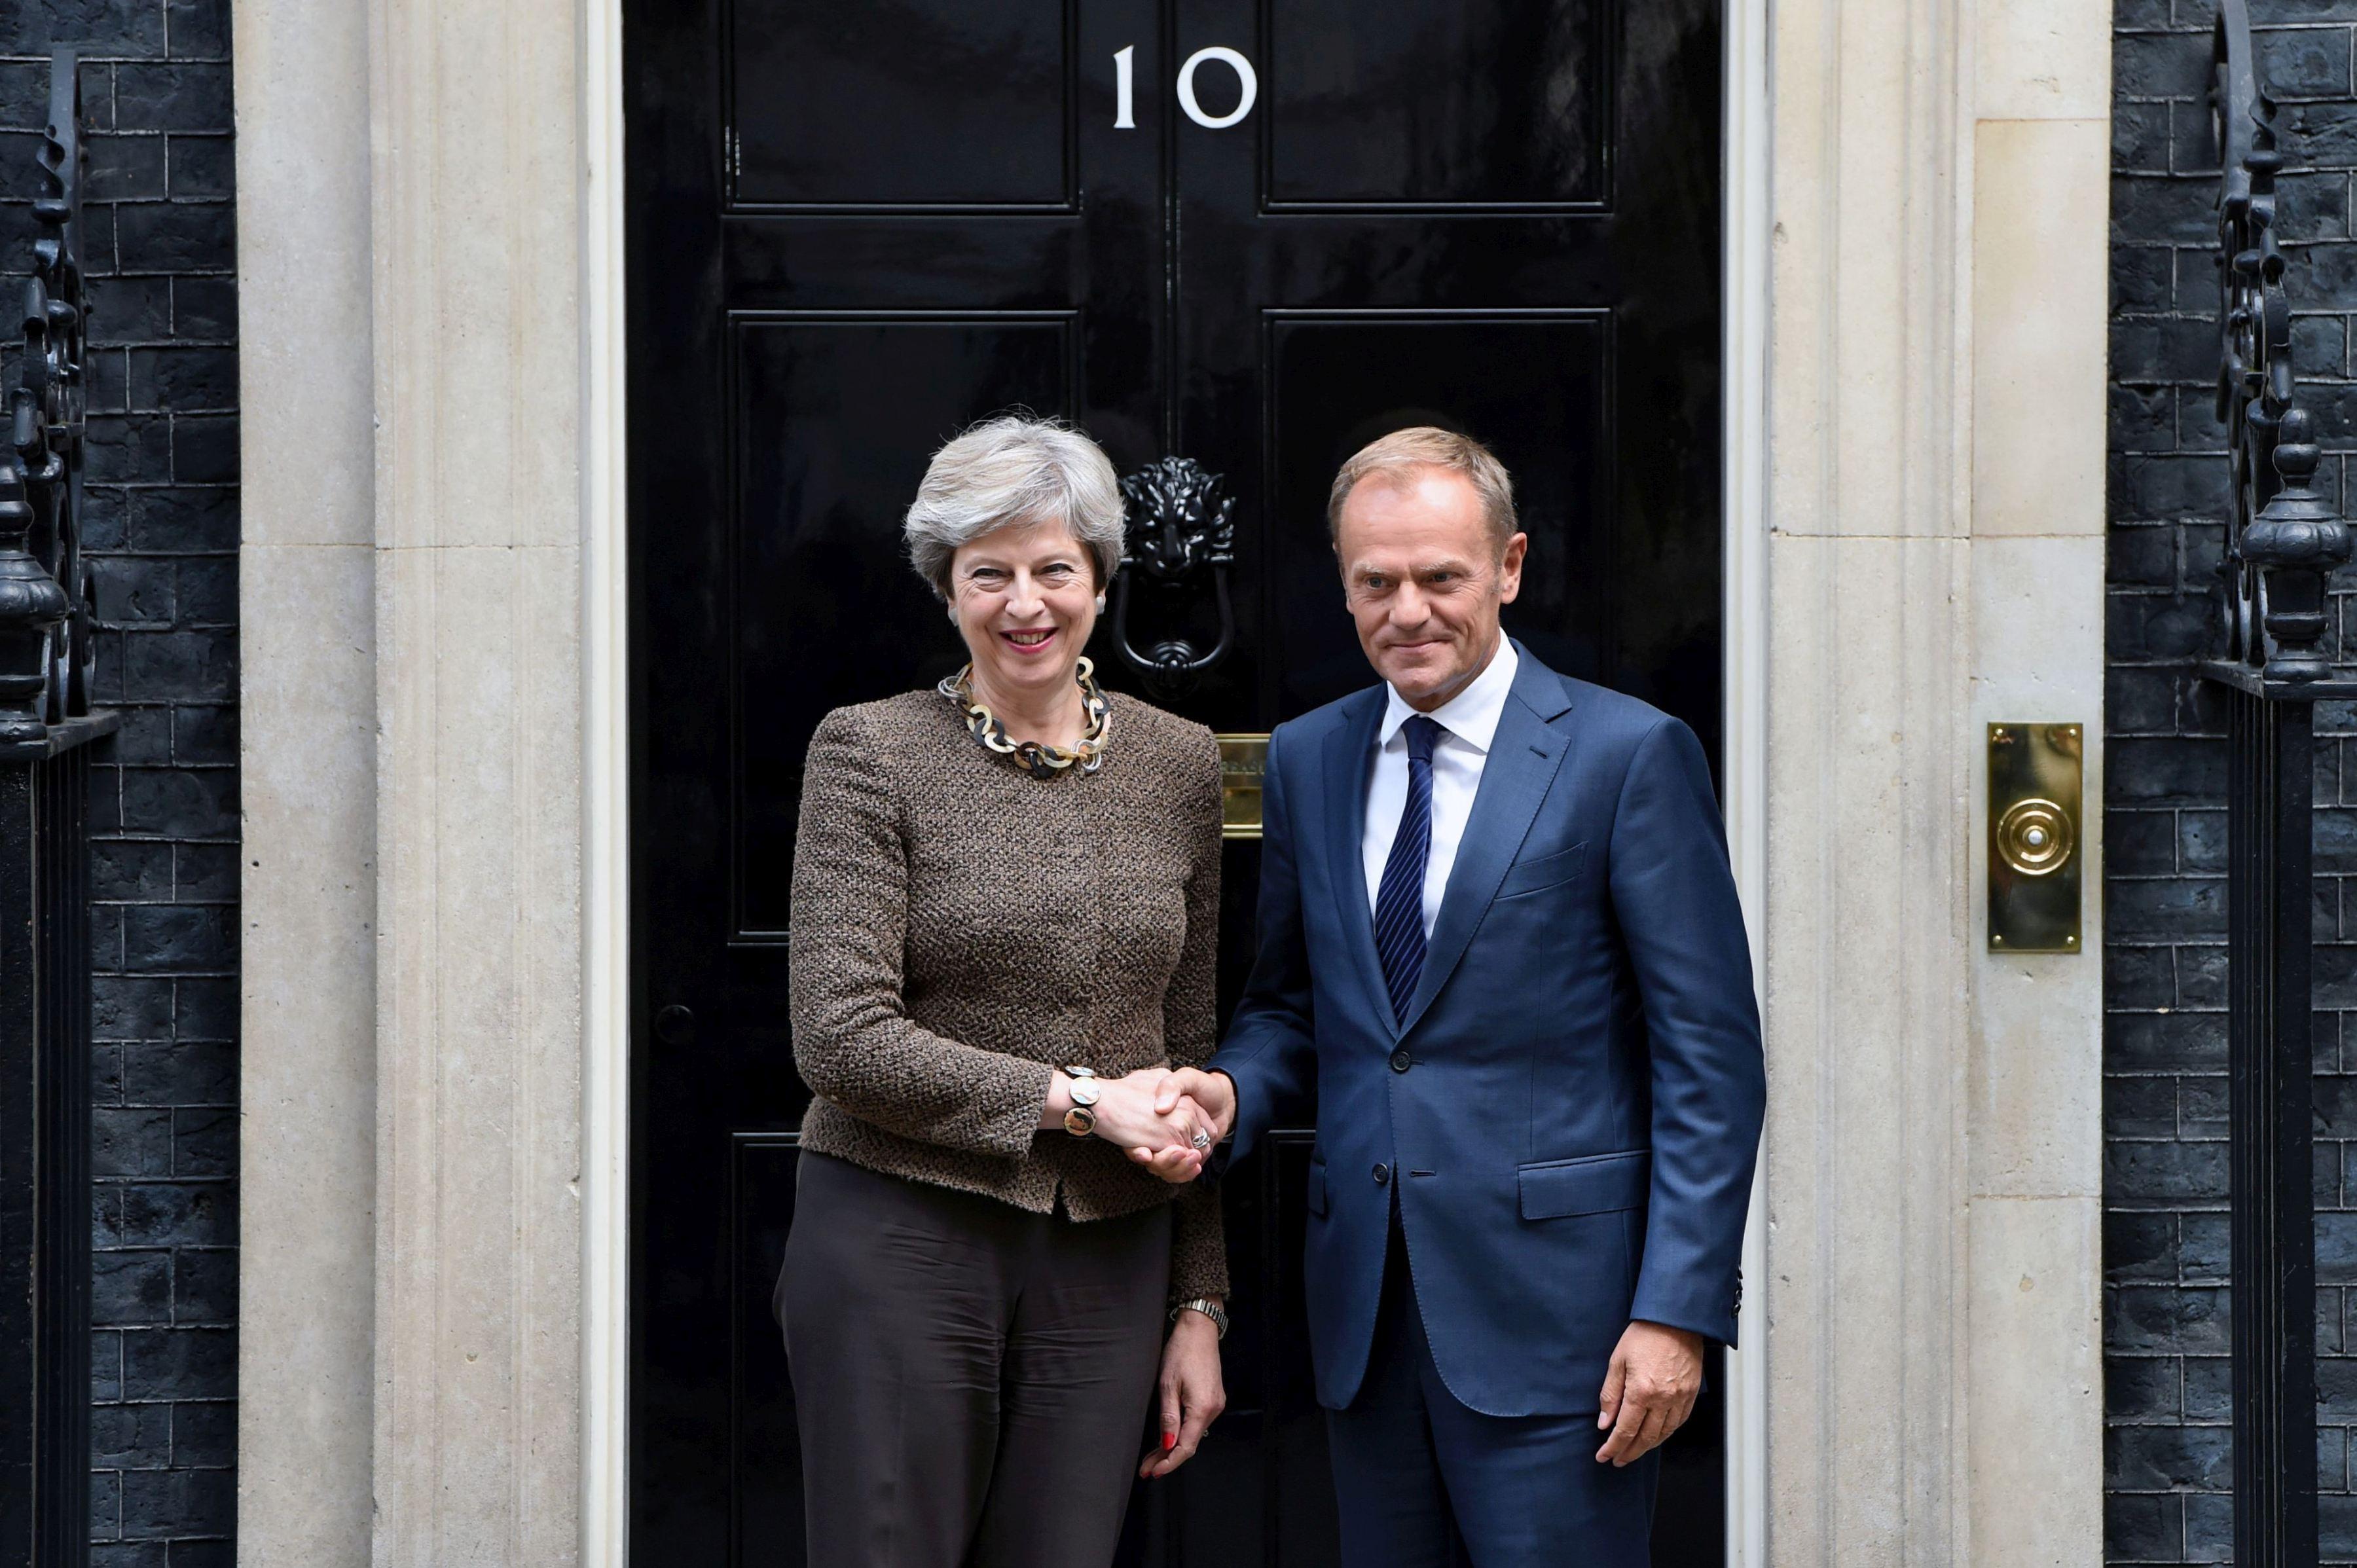 Preşedintele Consiliului European anunţă declanşarea procedurii interne pentru faza a doua a Brexit